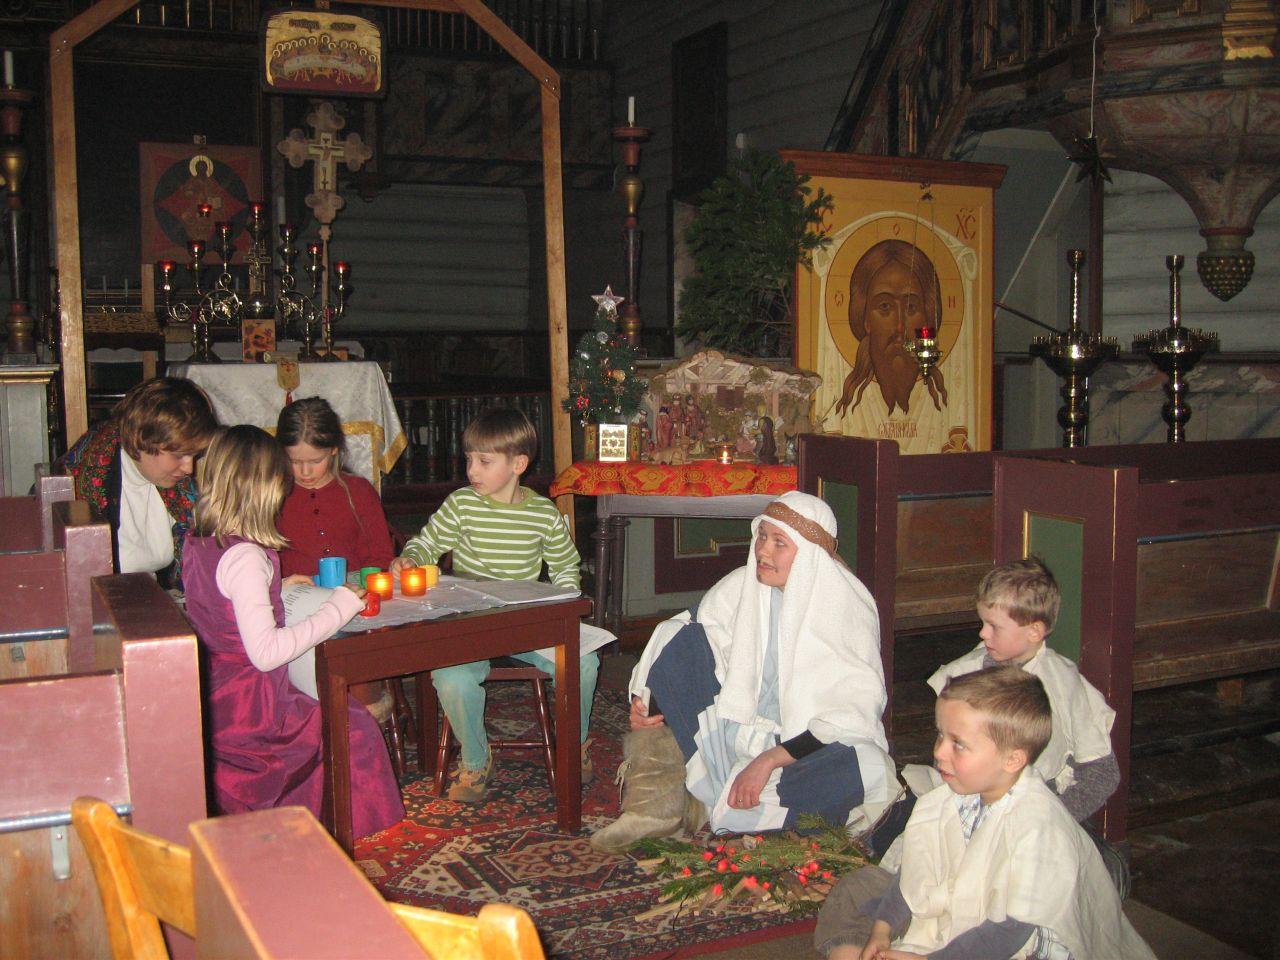 детский праздник Рождества Христова в Тронхейме 2007 год